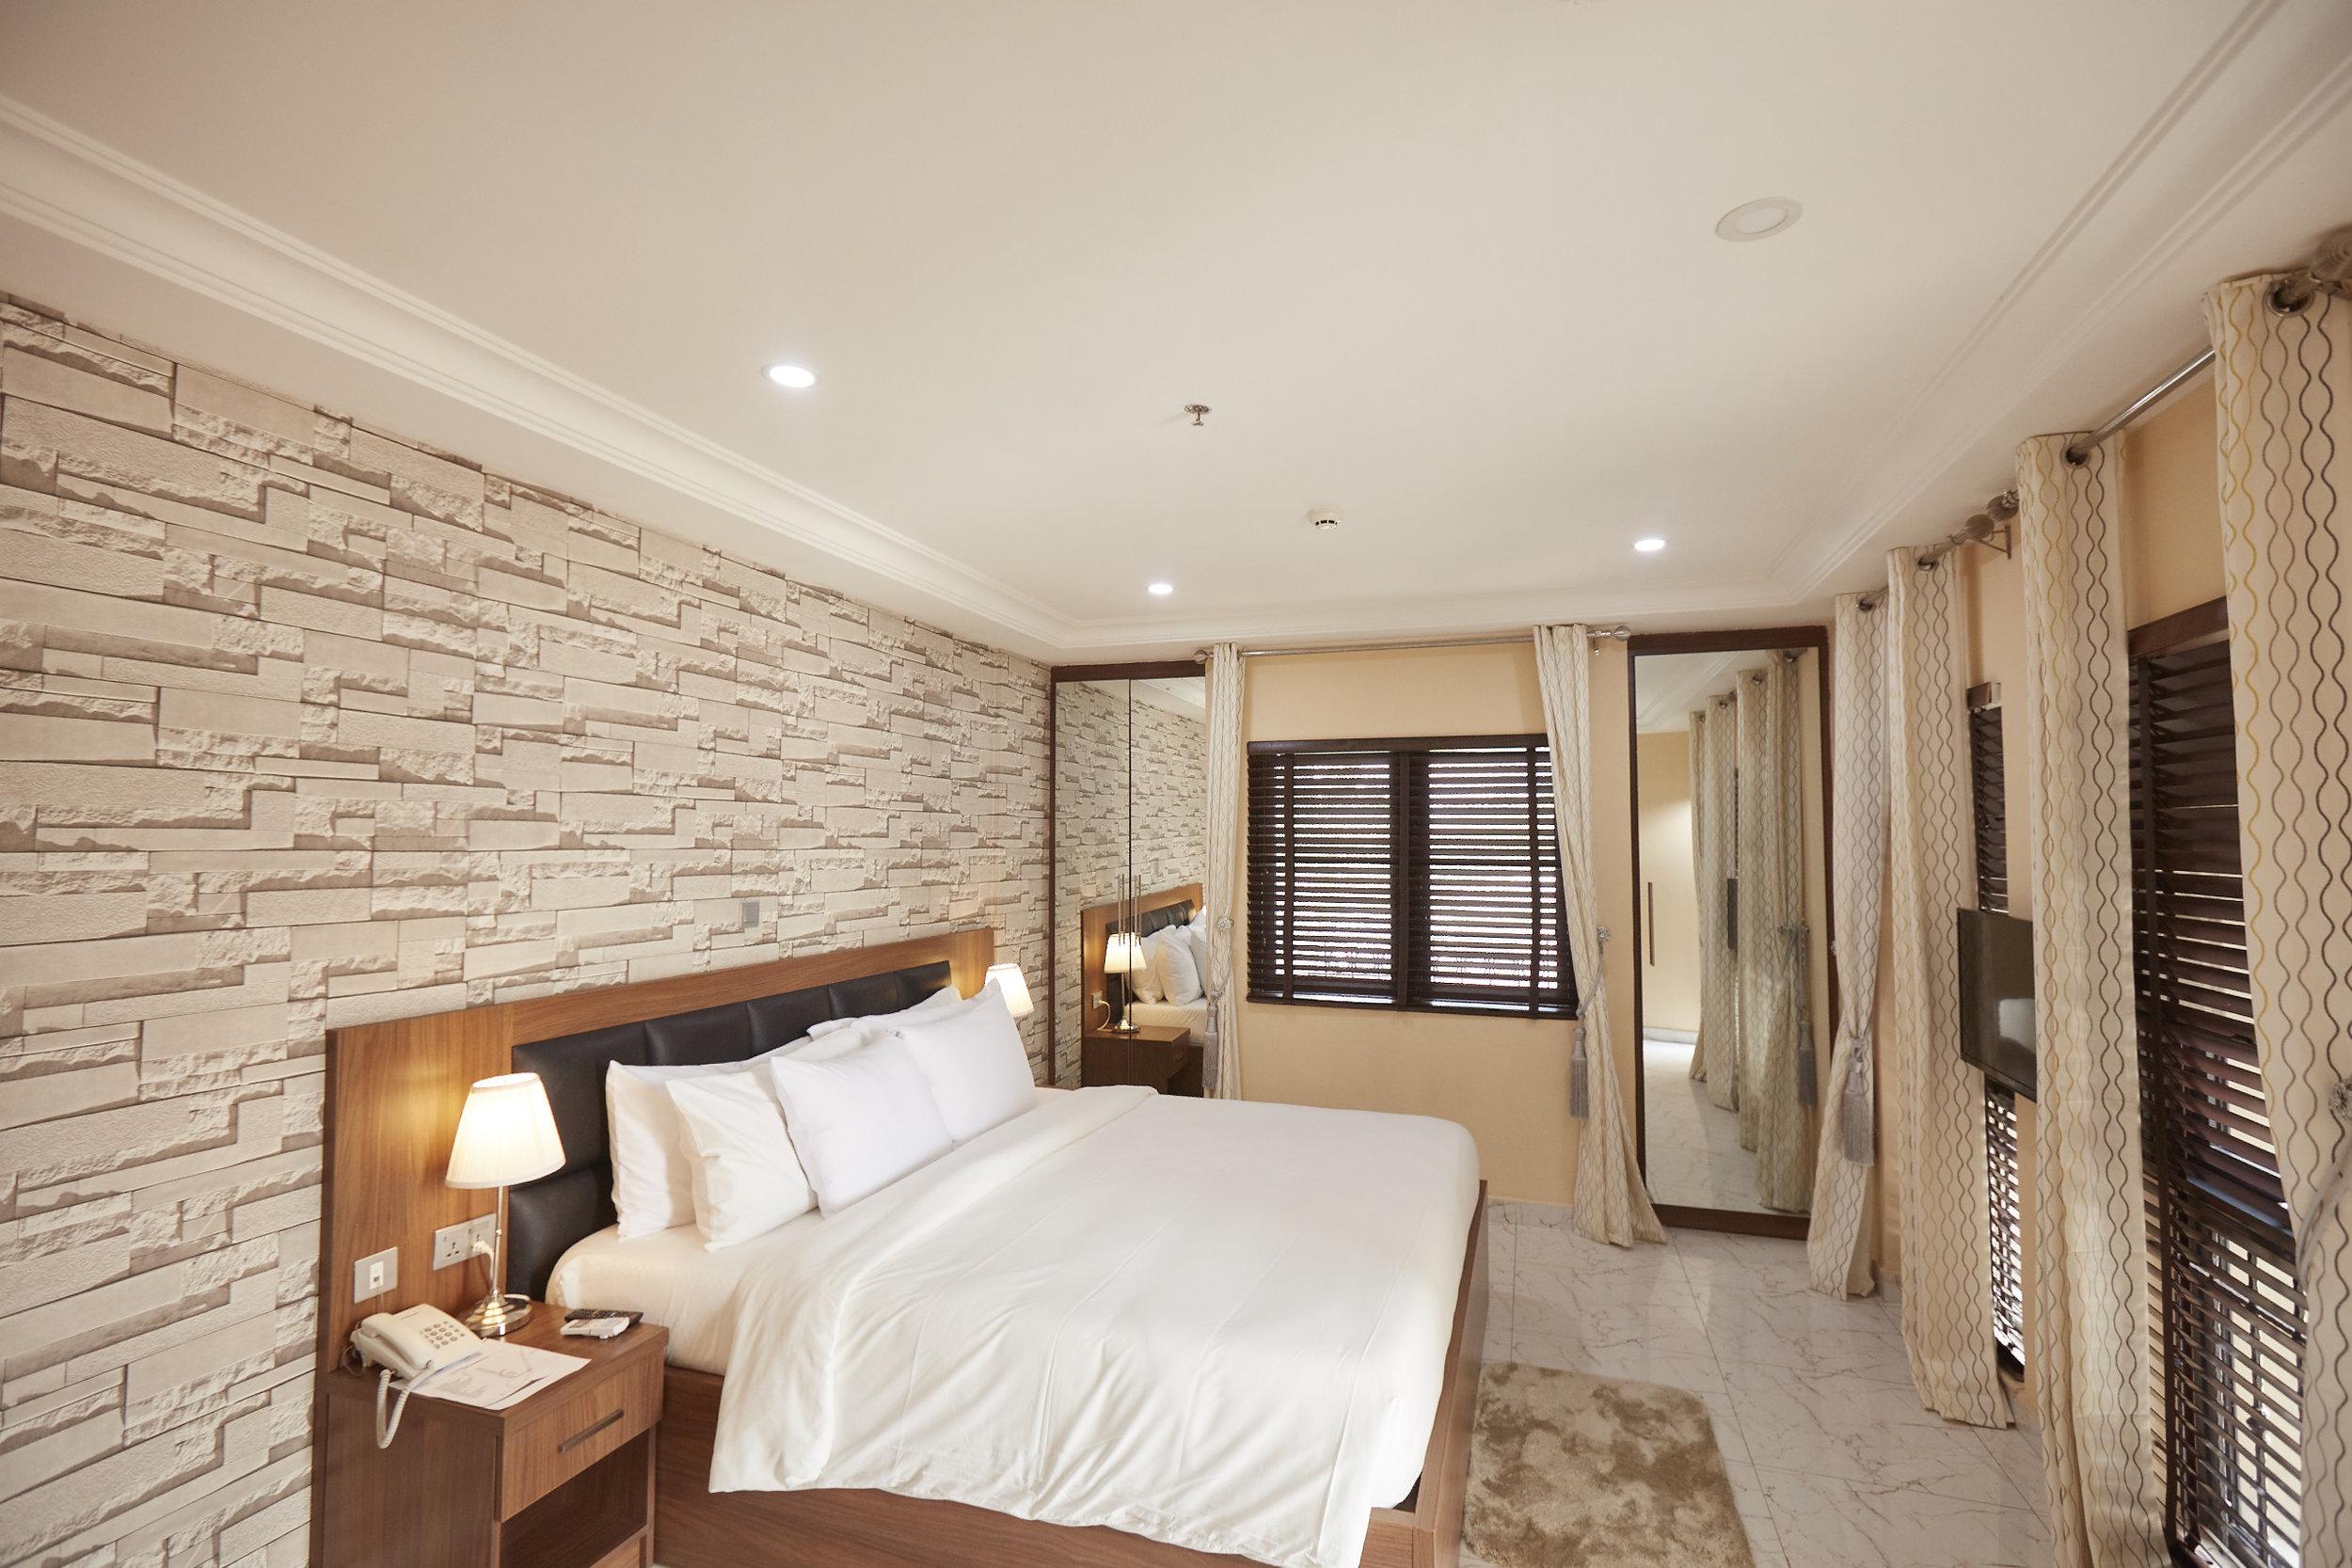 2 Bed Royale Bedroom 2.jpg